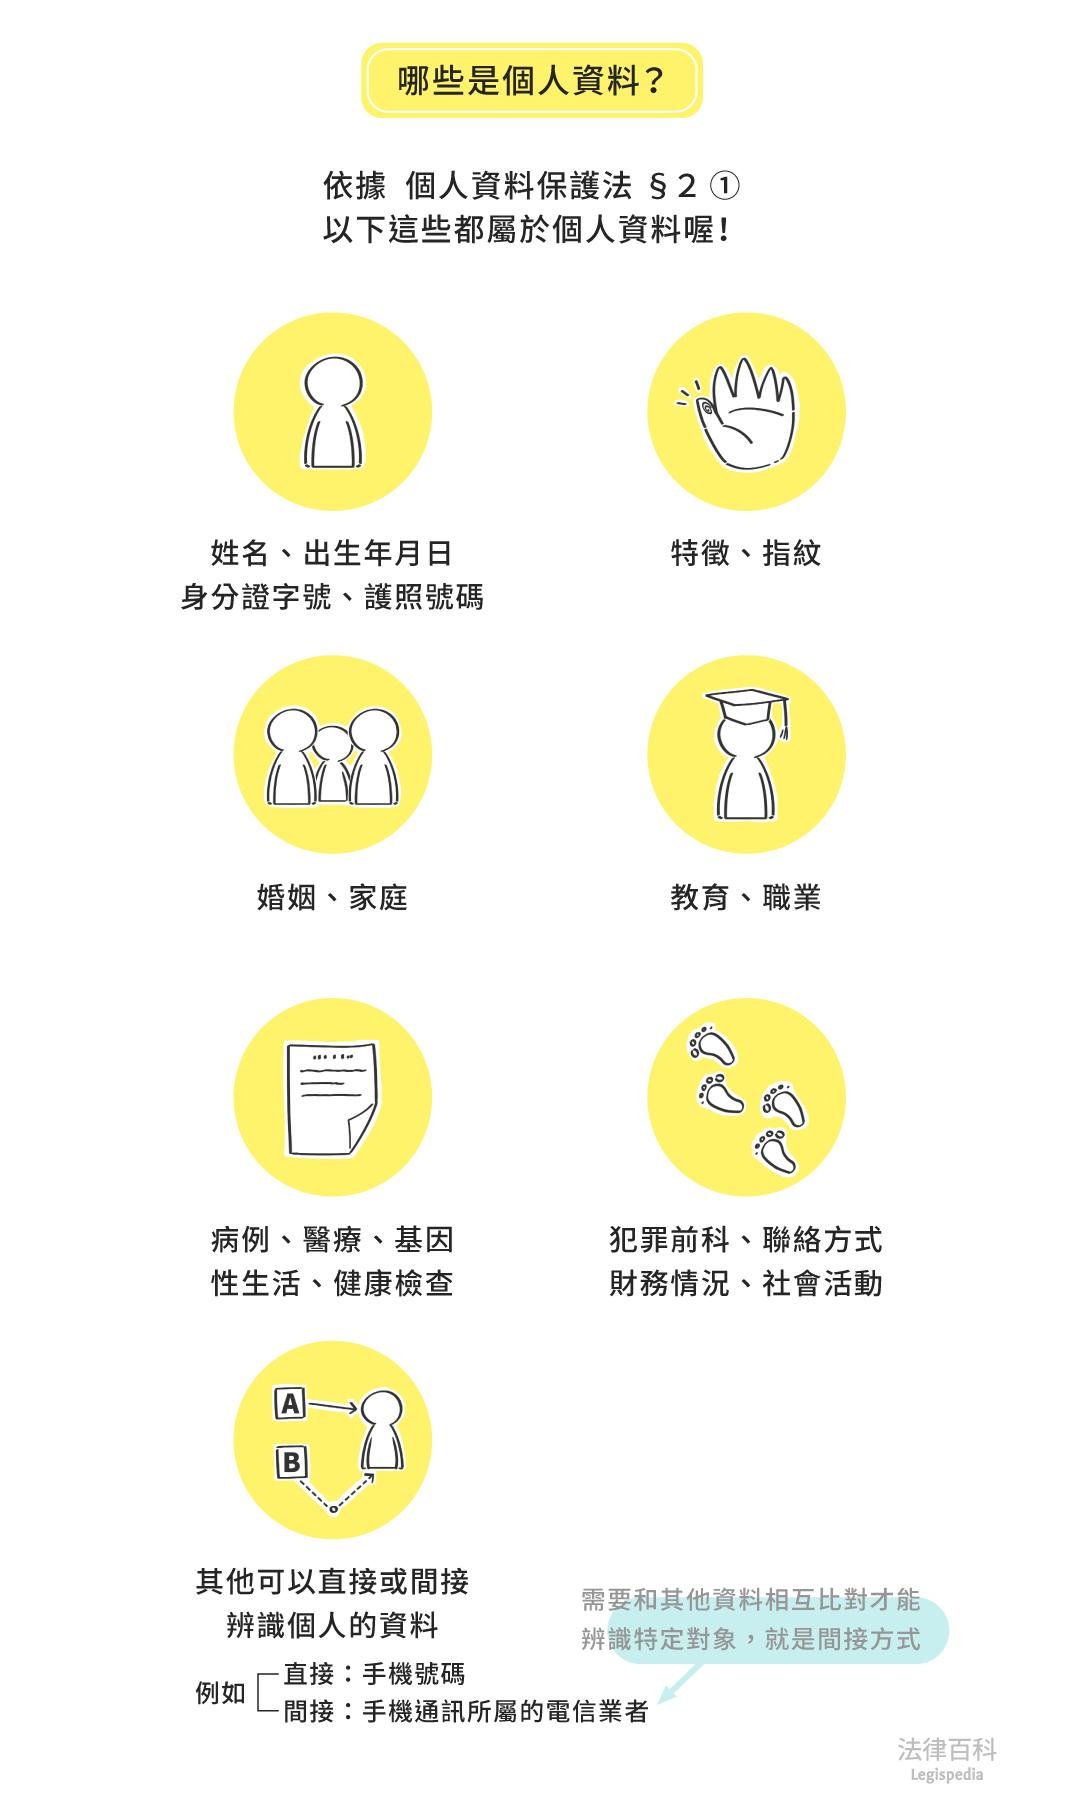 圖1 哪些是個人資料?||資料來源:韓瑋倫 / 繪圖:Yen